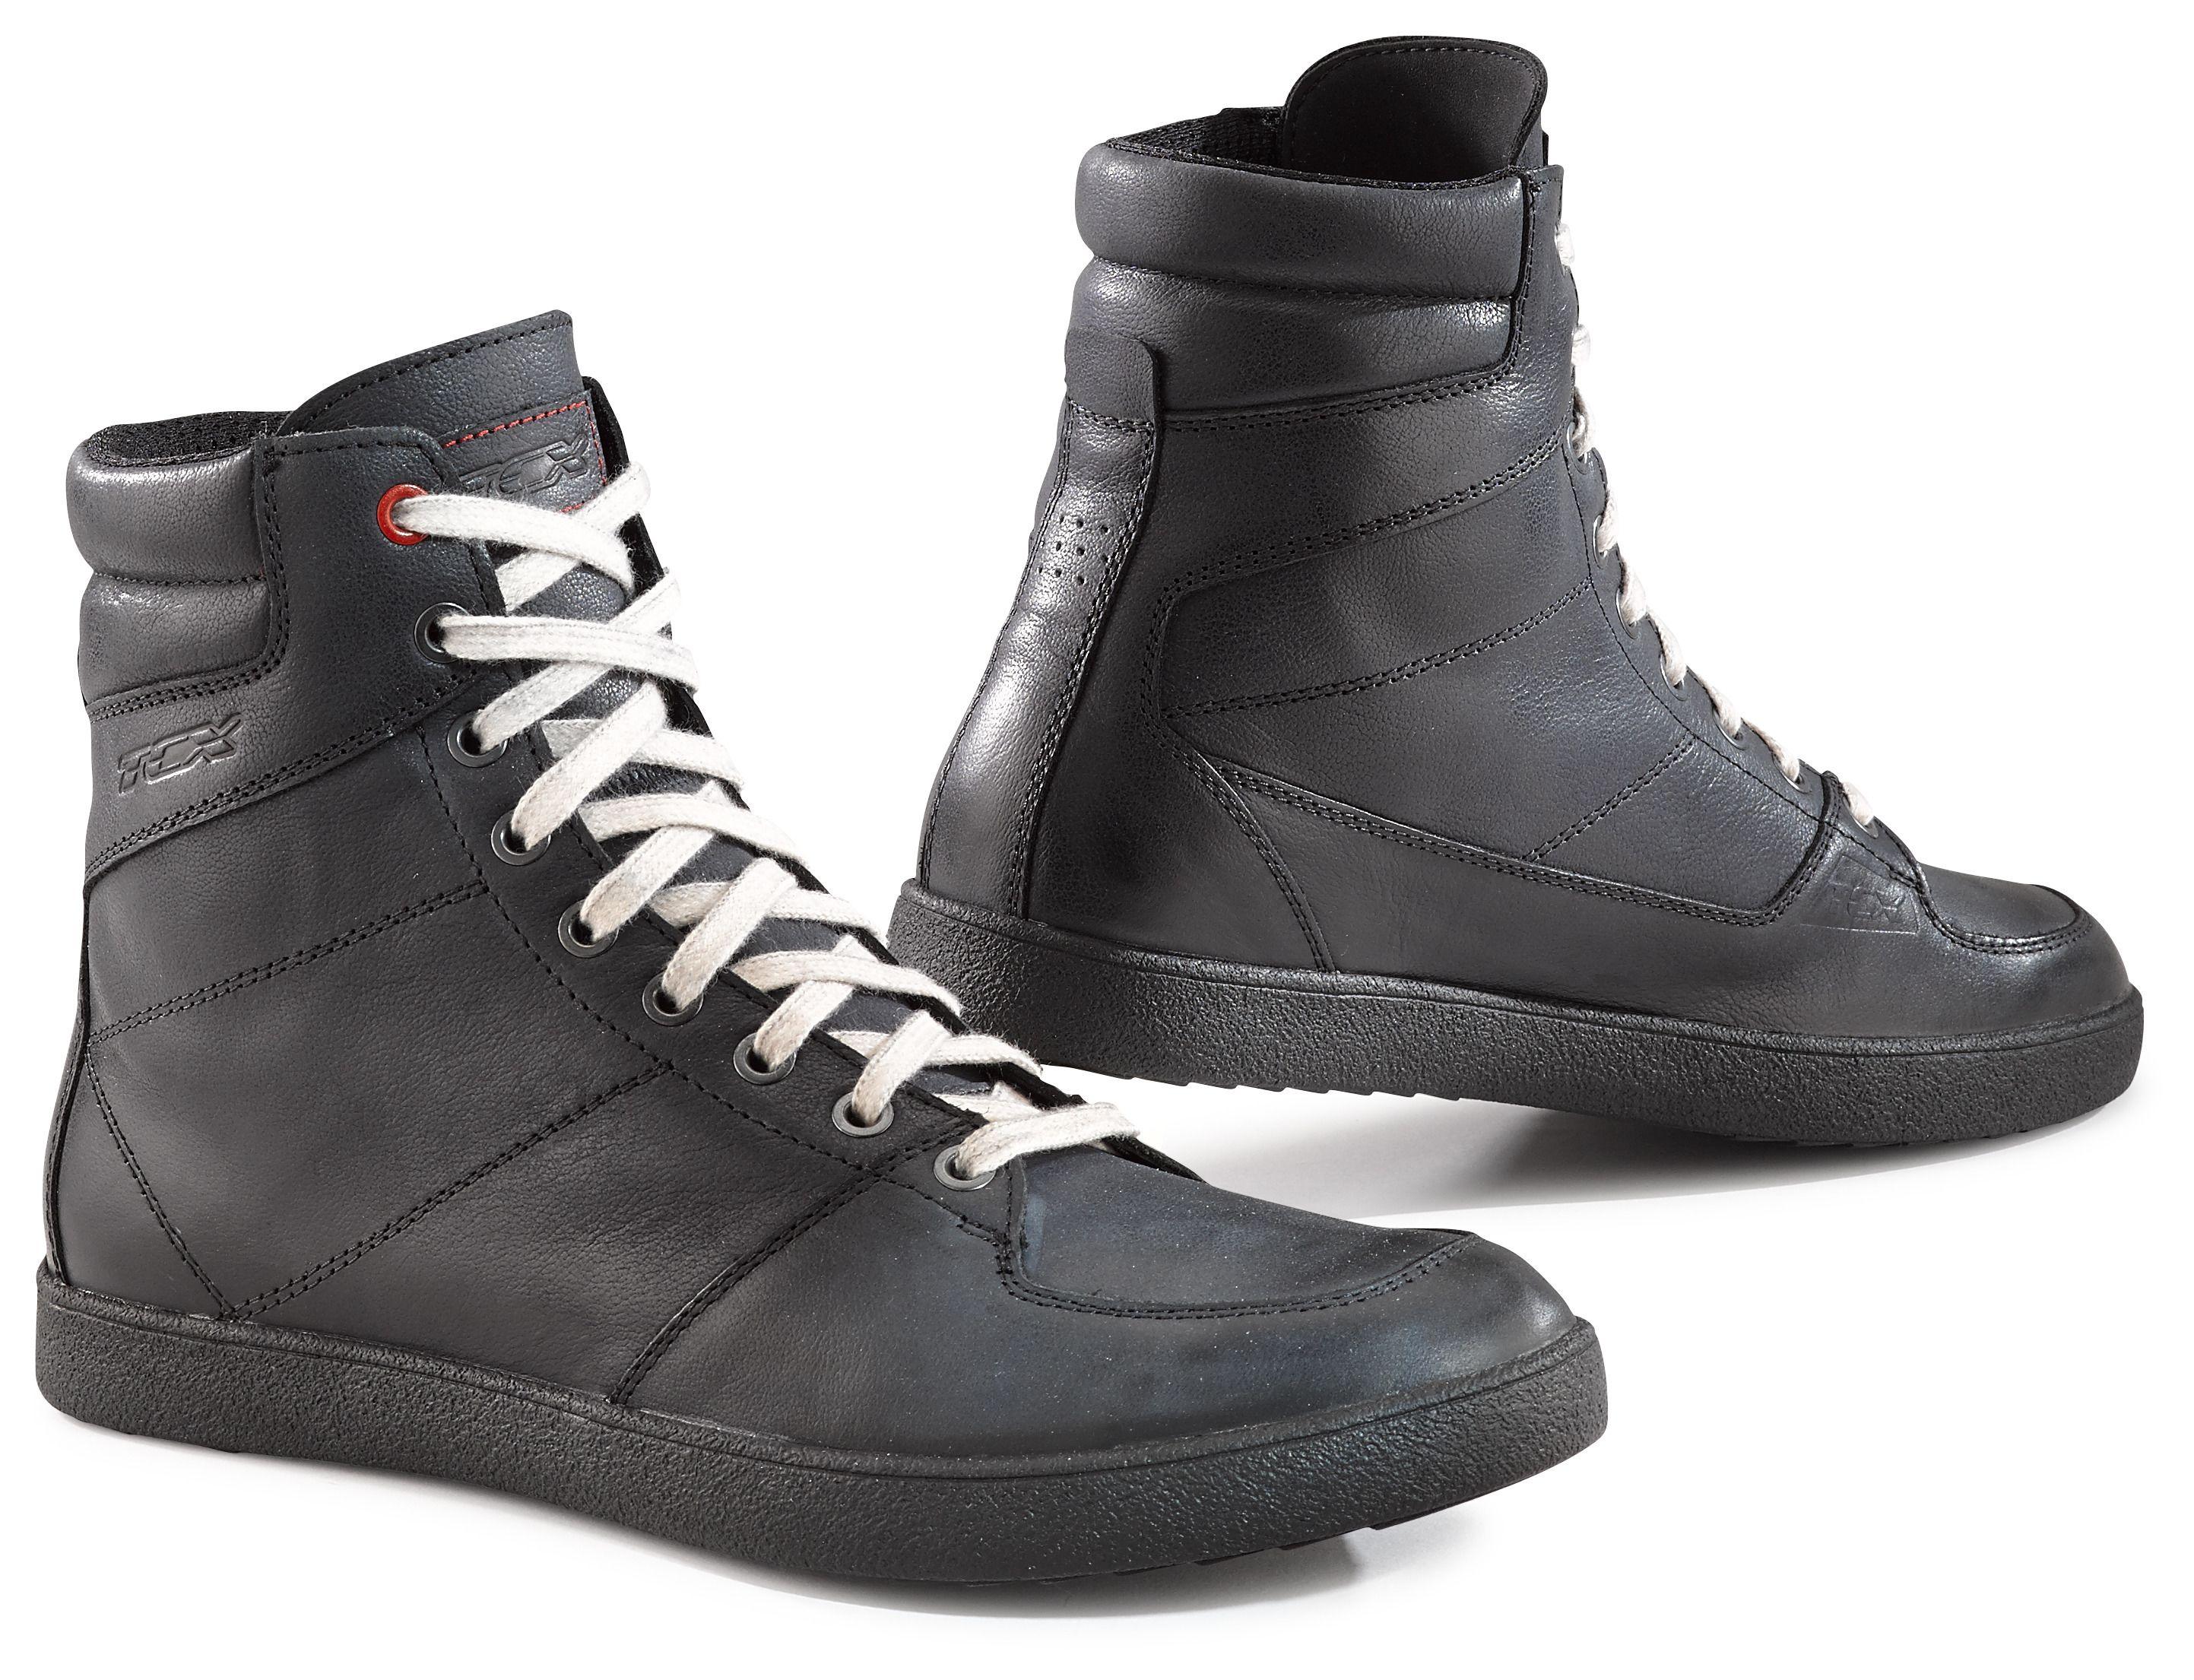 tcx x-wave waterproof shoes - revzilla PXCWDUT